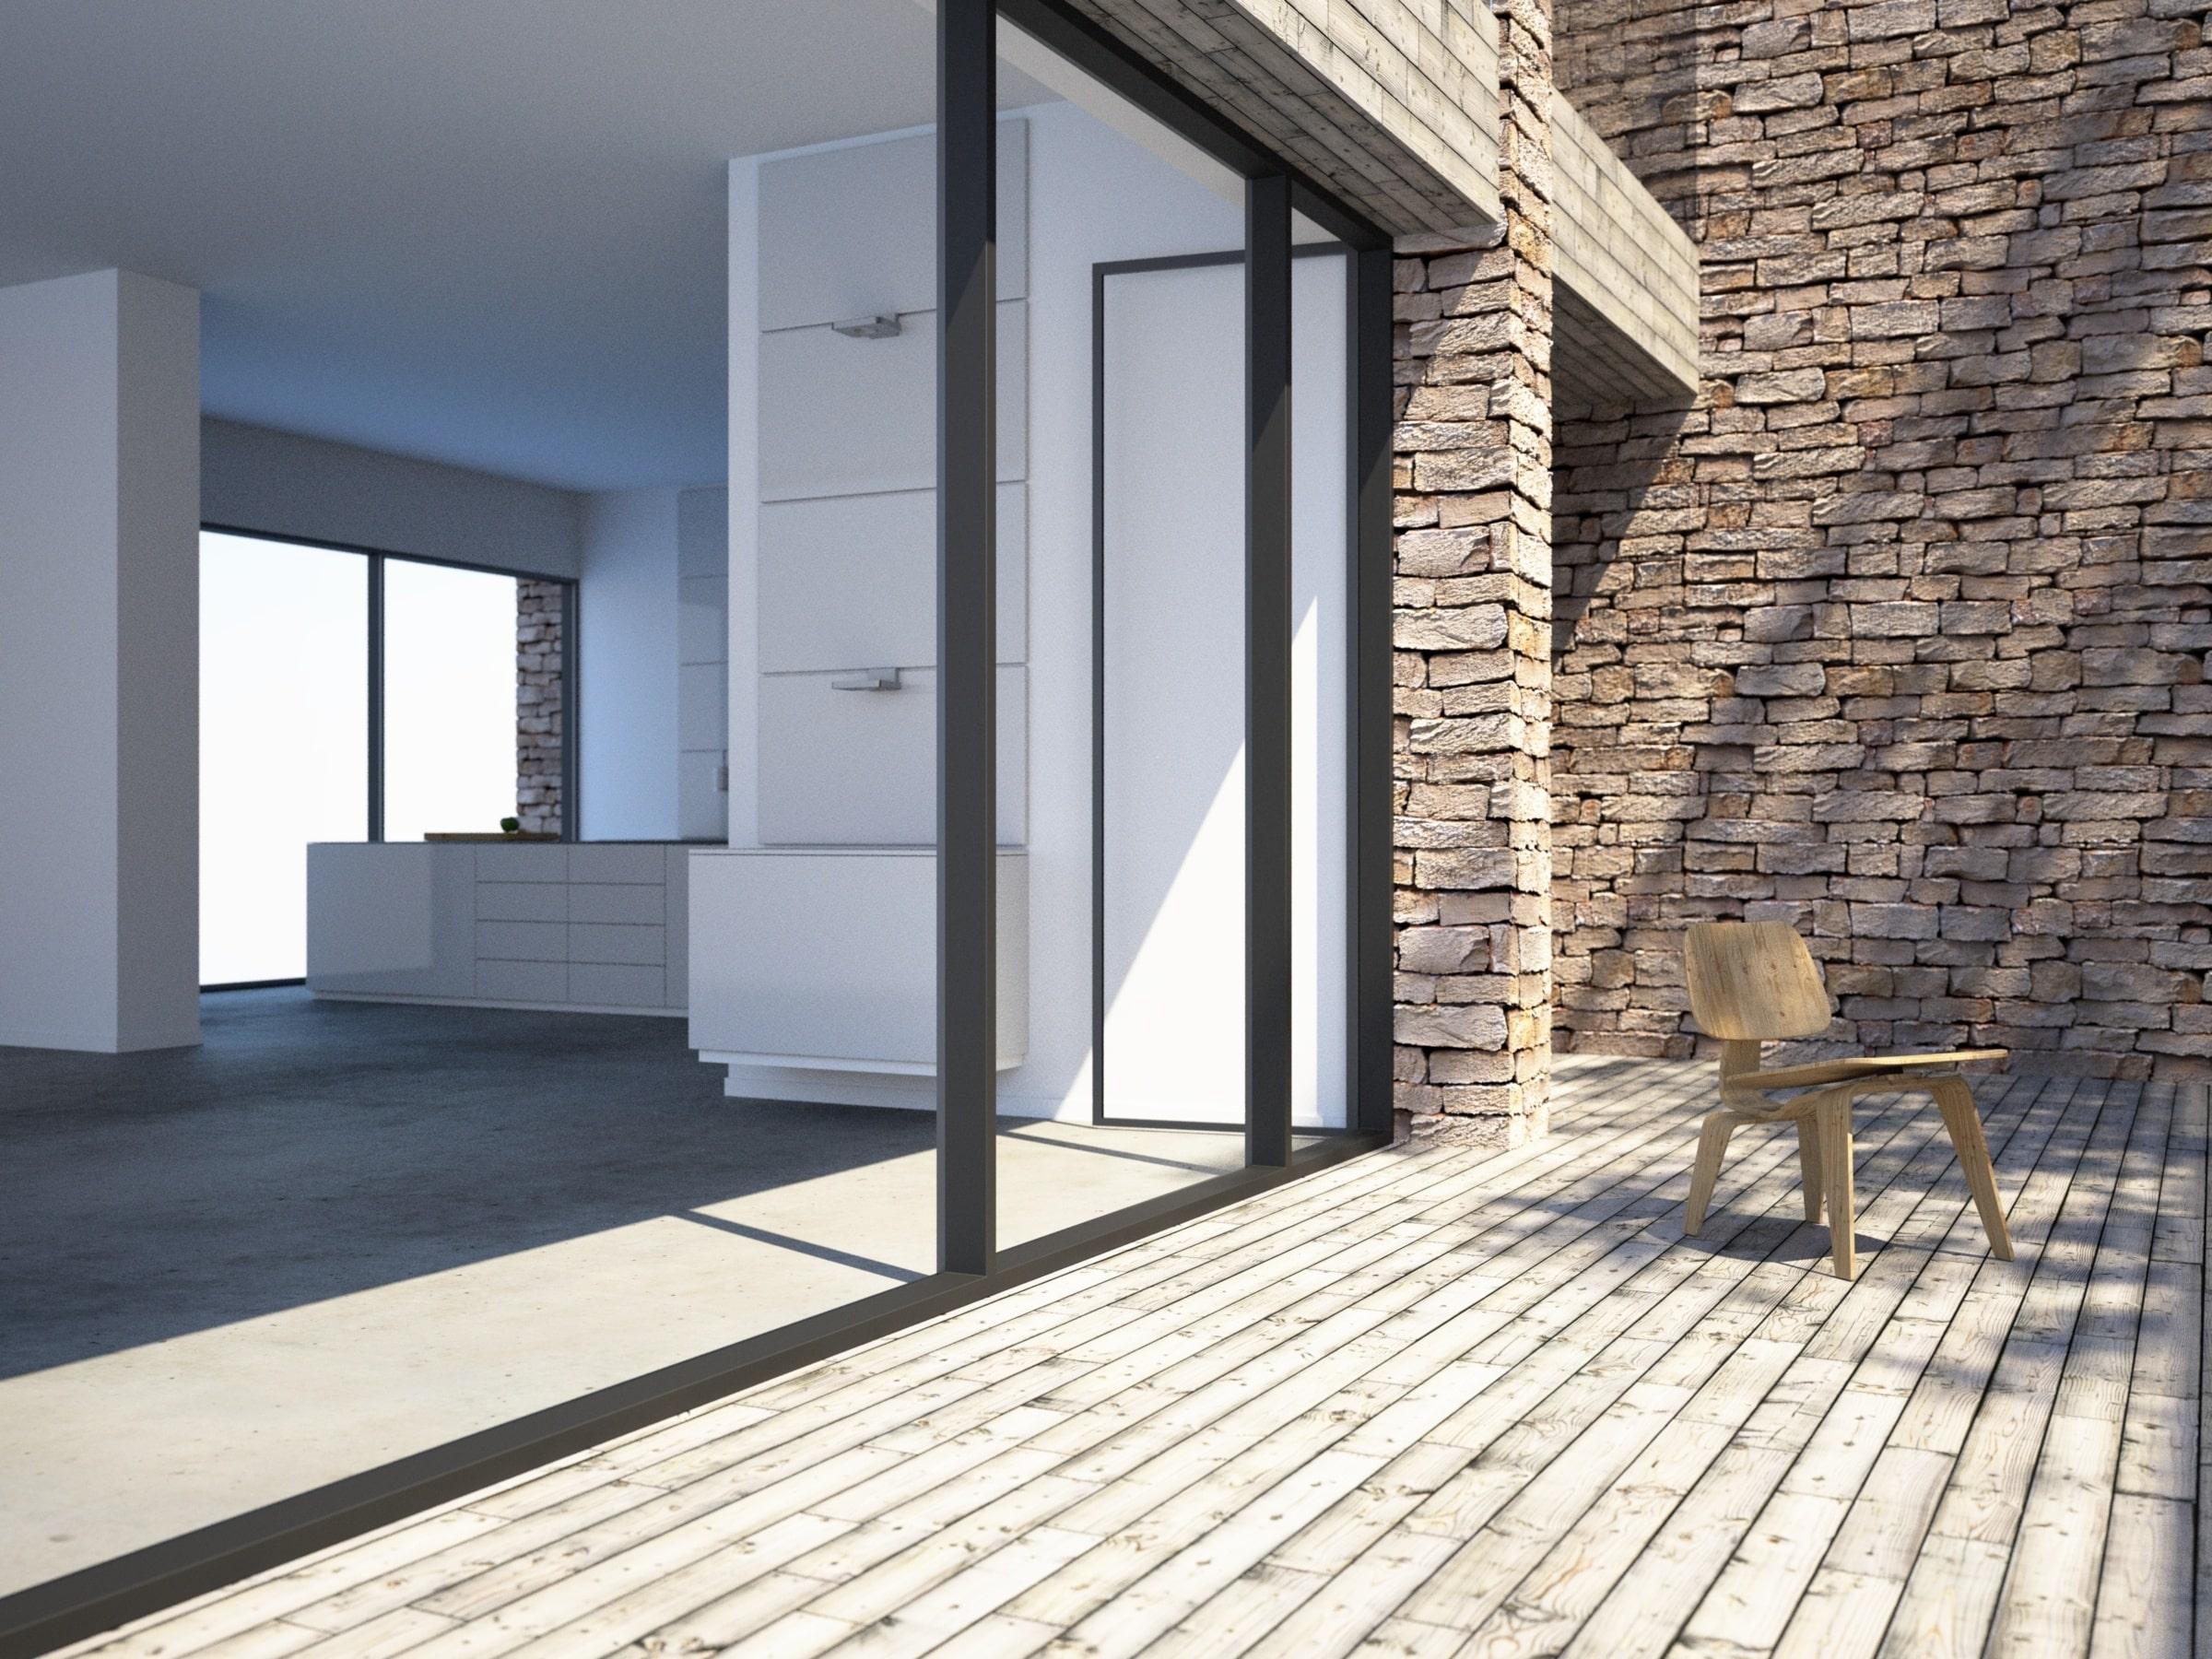 les avantages et inconv nients de l installation des baies vitr es c mon web. Black Bedroom Furniture Sets. Home Design Ideas